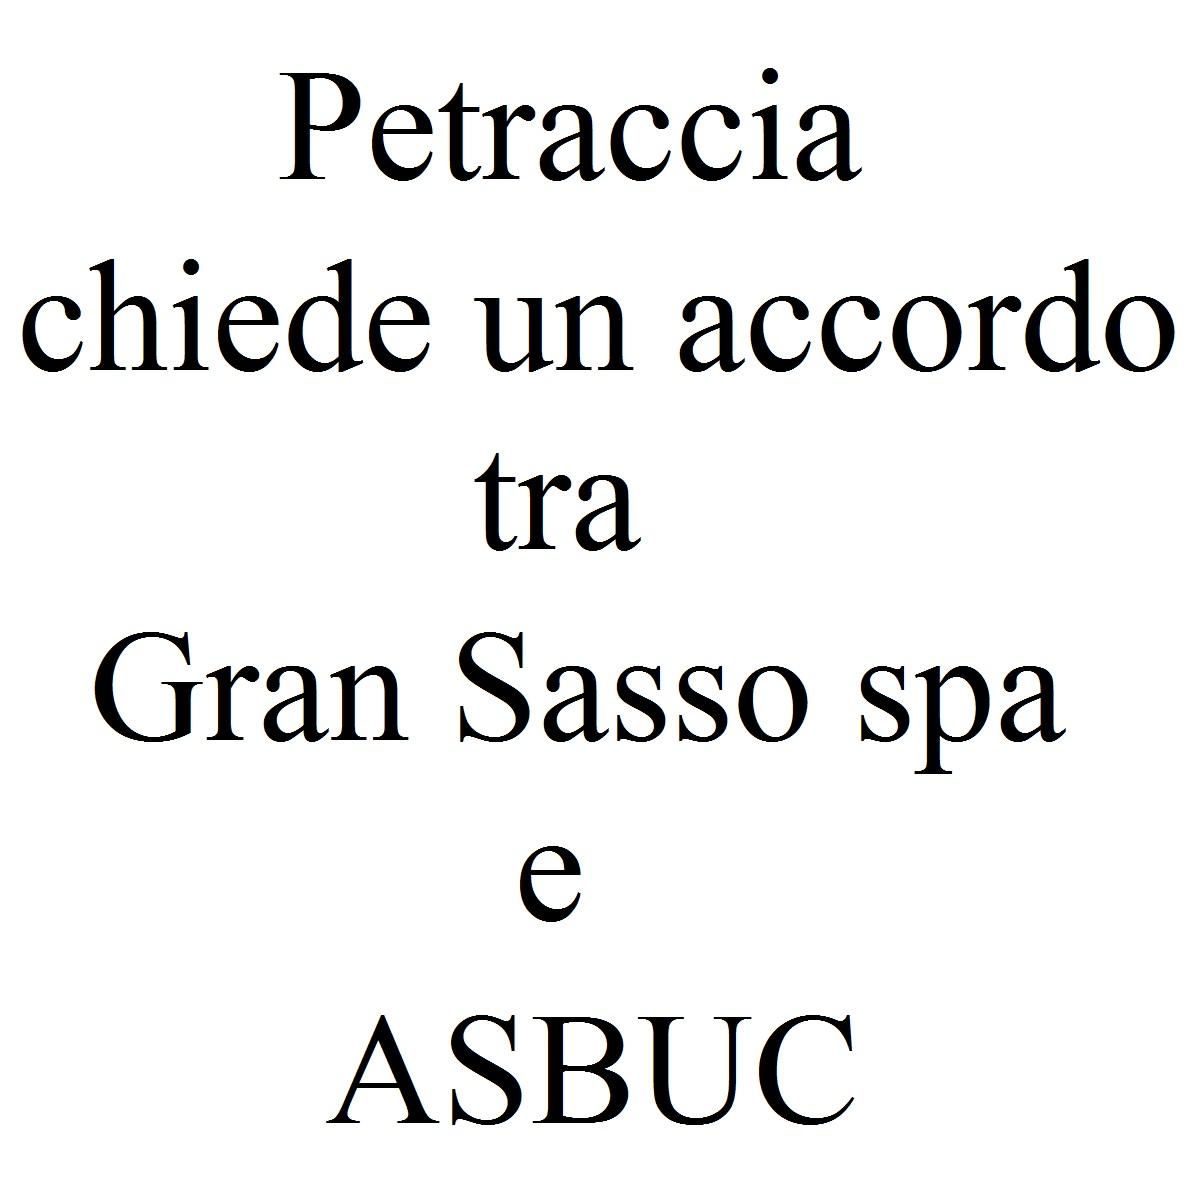 Petraccia chiede un accordo tra Gran Sasso spa e ASBUC foto